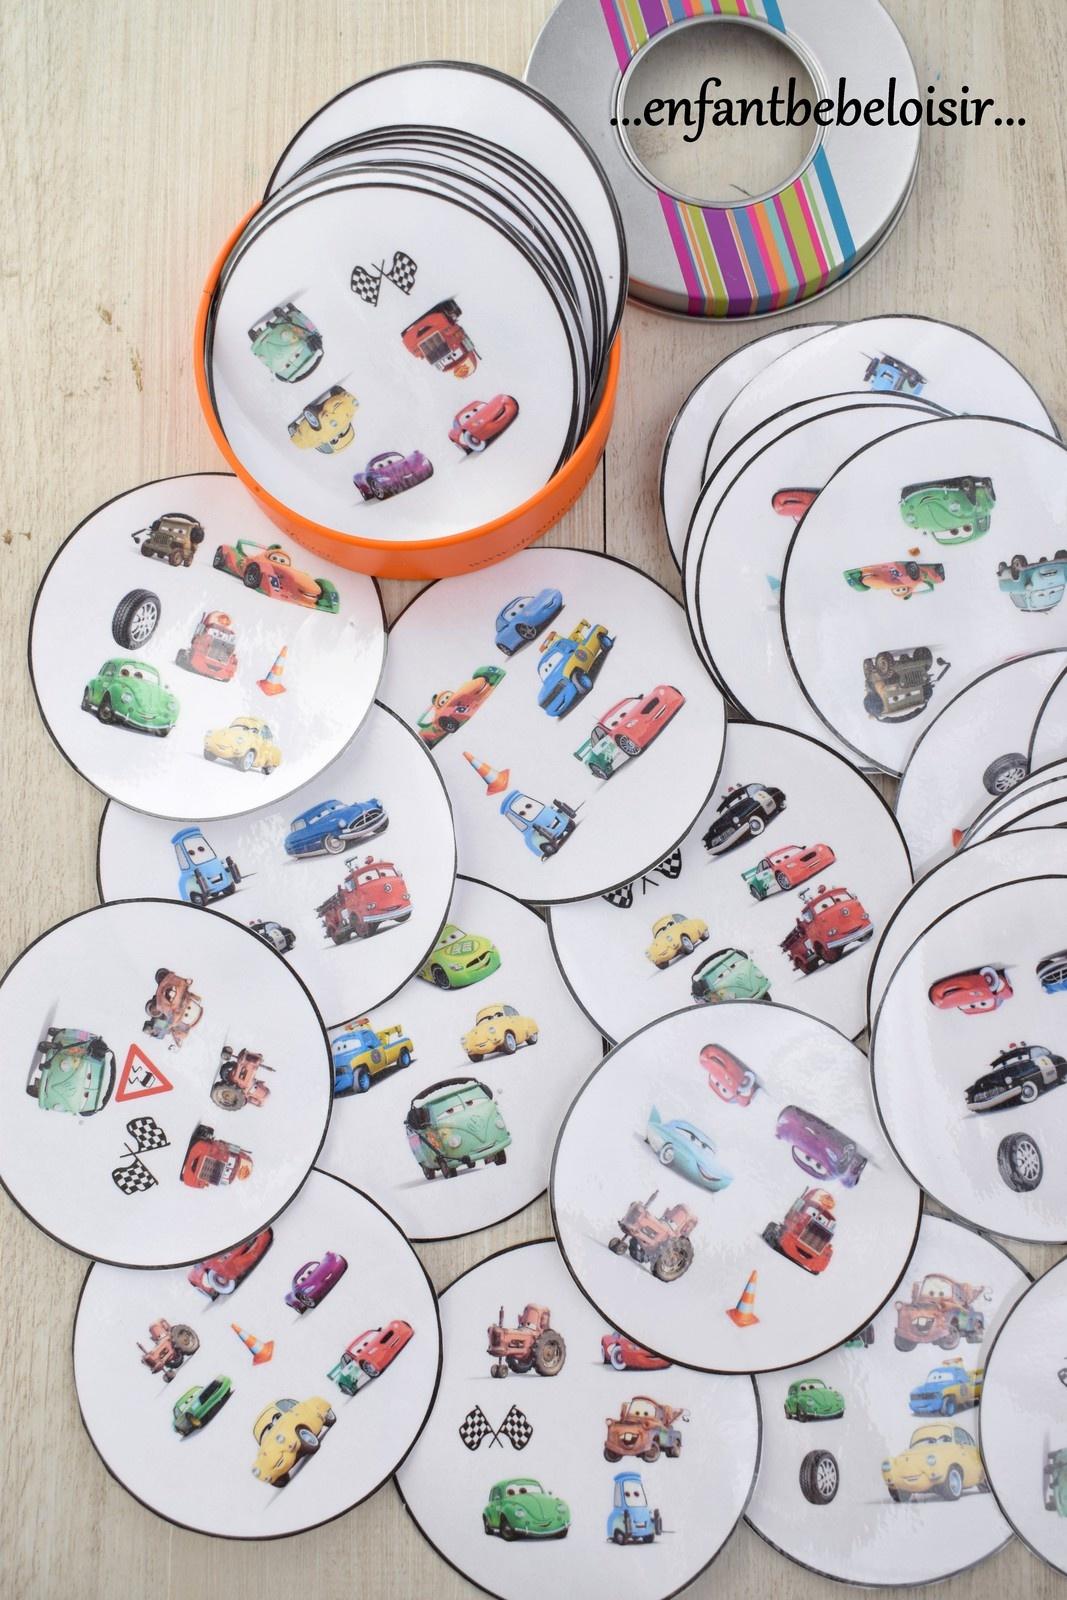 Jeu Dobble Cars Pixar À Imprimer - Gratuit - Enfant Bébé Loisir dedans Jeux Educatif 4 Ans A Imprimer